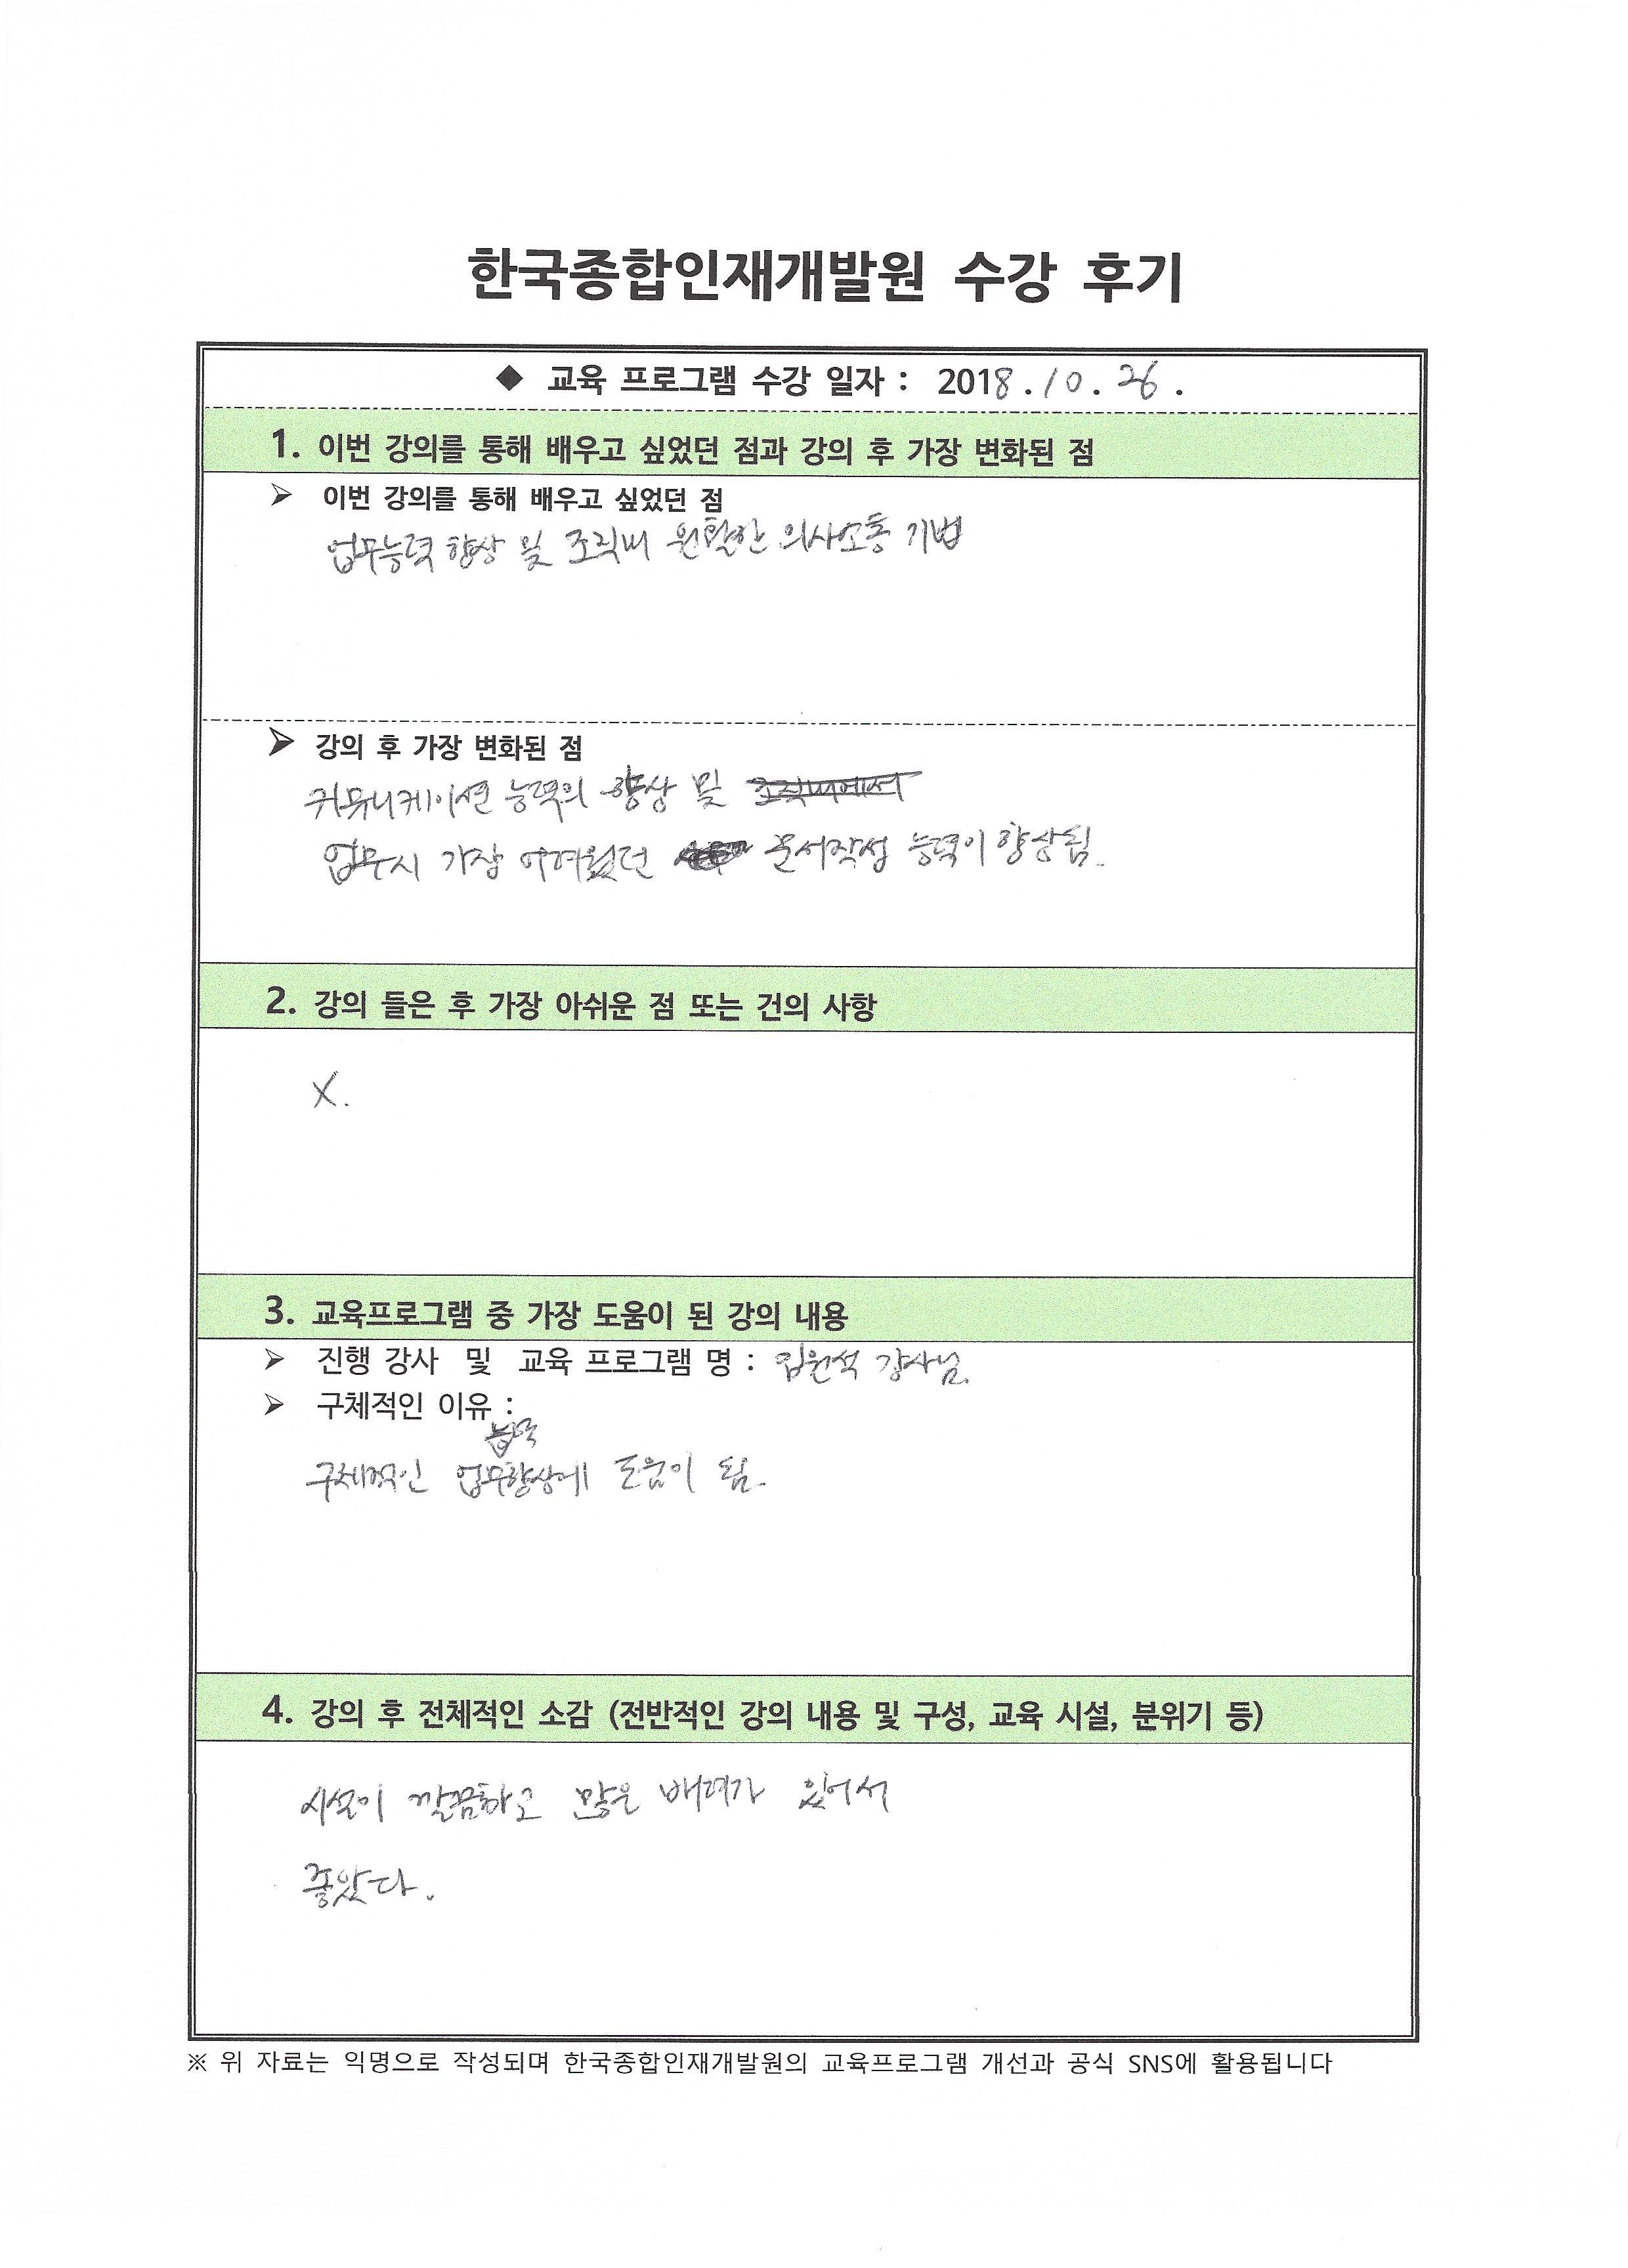 미트뱅크후기-3 사본.JPG